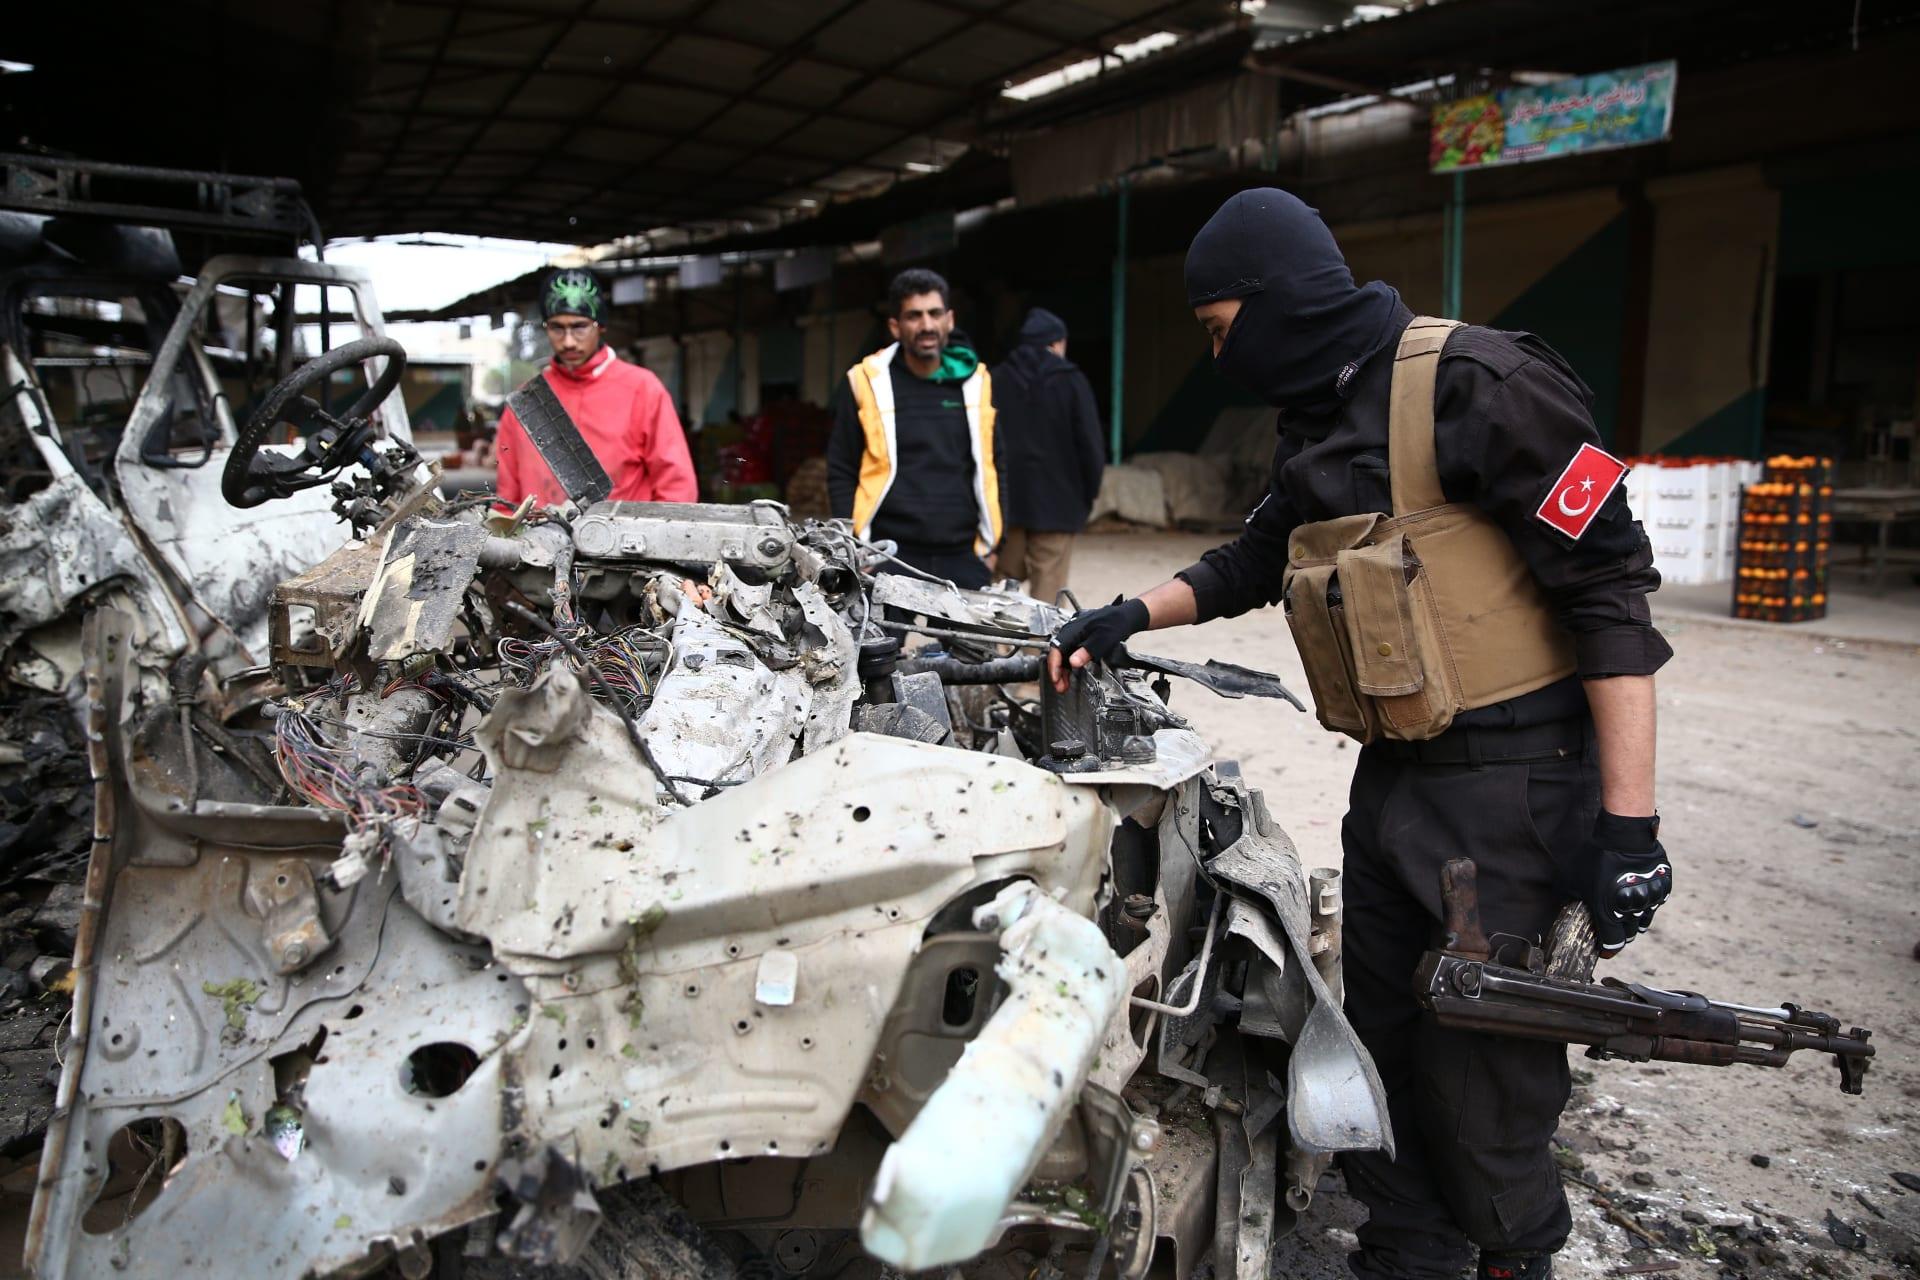 مقاتل سوري موالي لتركيا يتفقد بقايا سيارة انفجرت في سوق في مدينة عفرين شمال سوريا، في 16 ديسمبر 2018.